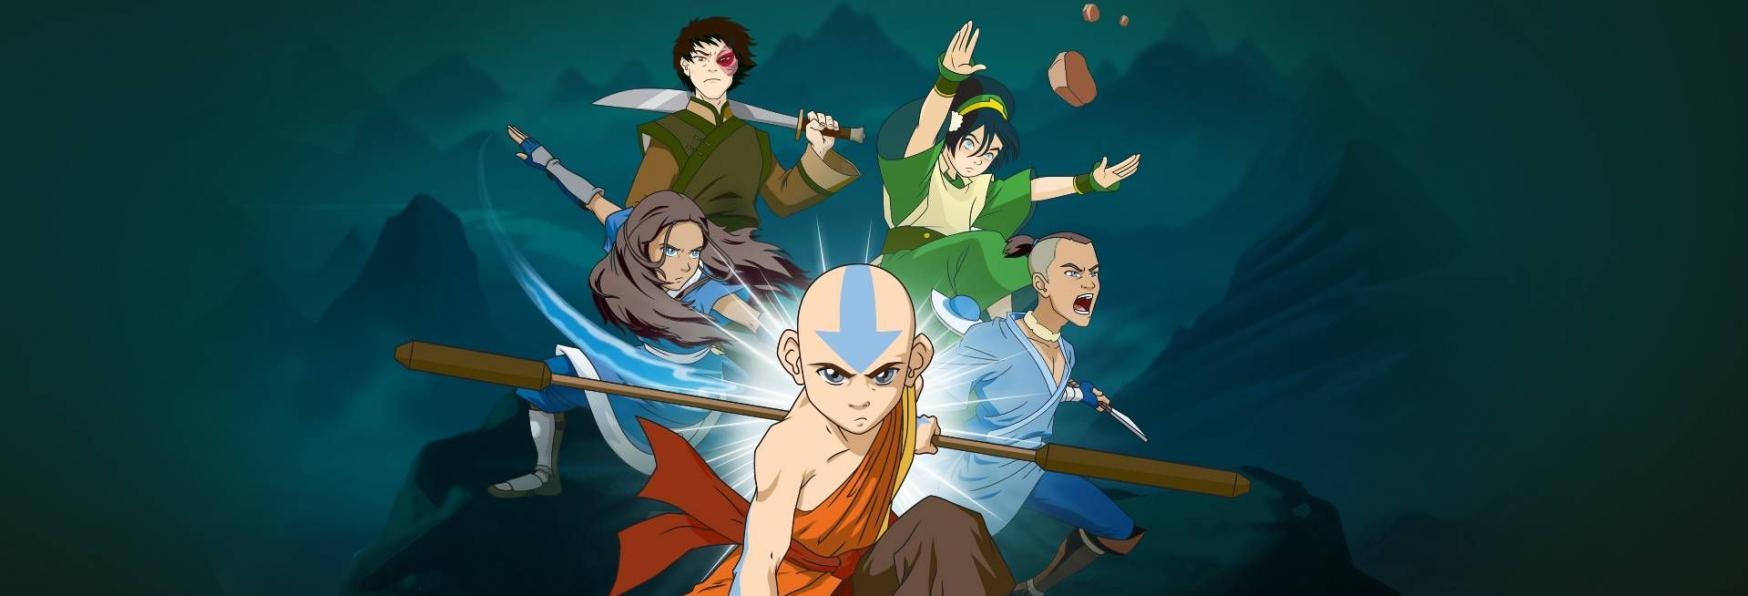 Avatar: The Last Airbender - Vedremo Azula nella nuova Serie TV targata Netflix?